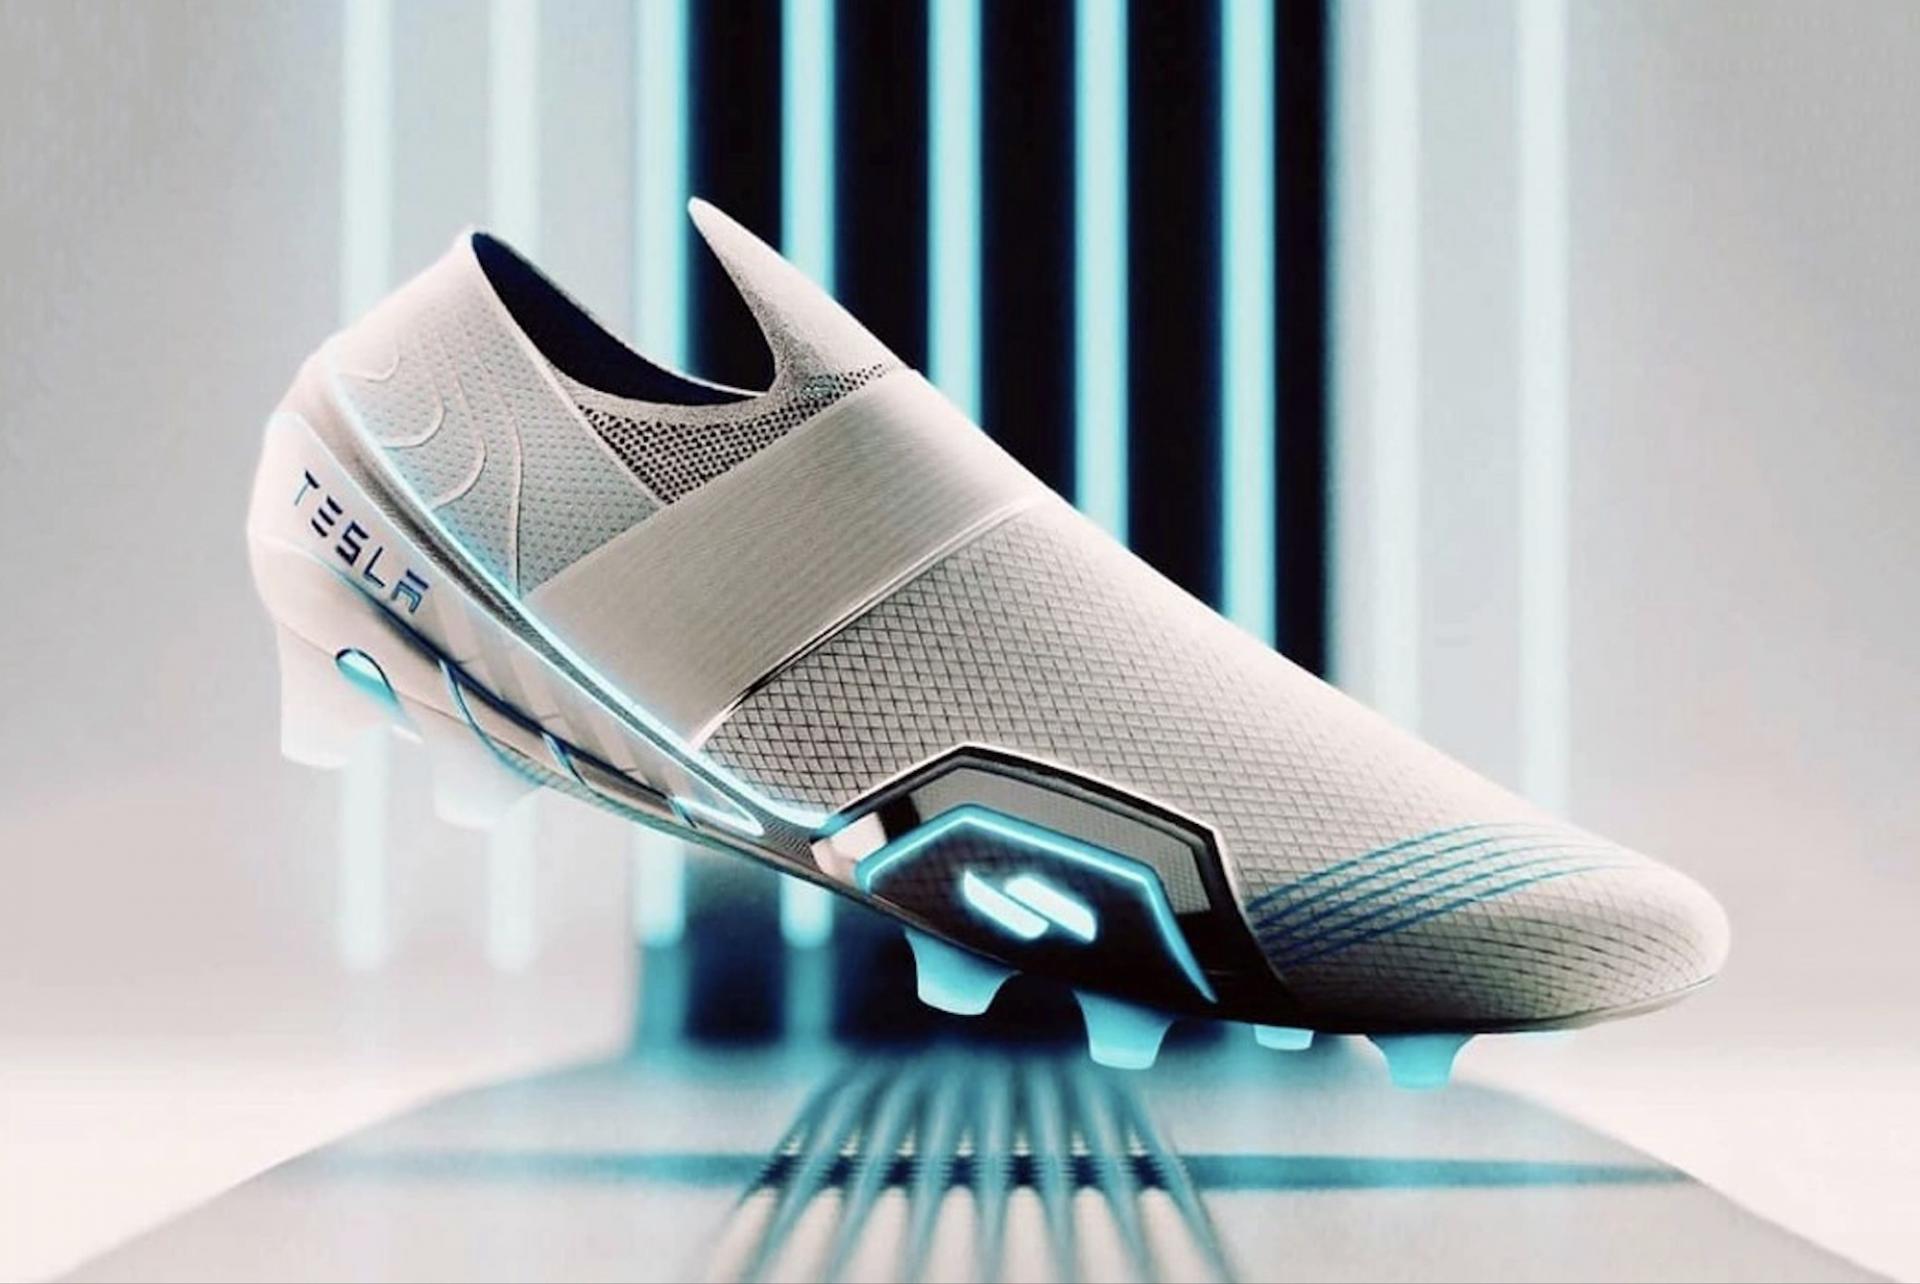 Les chaussures de football Tesla par Hussain Almossawi